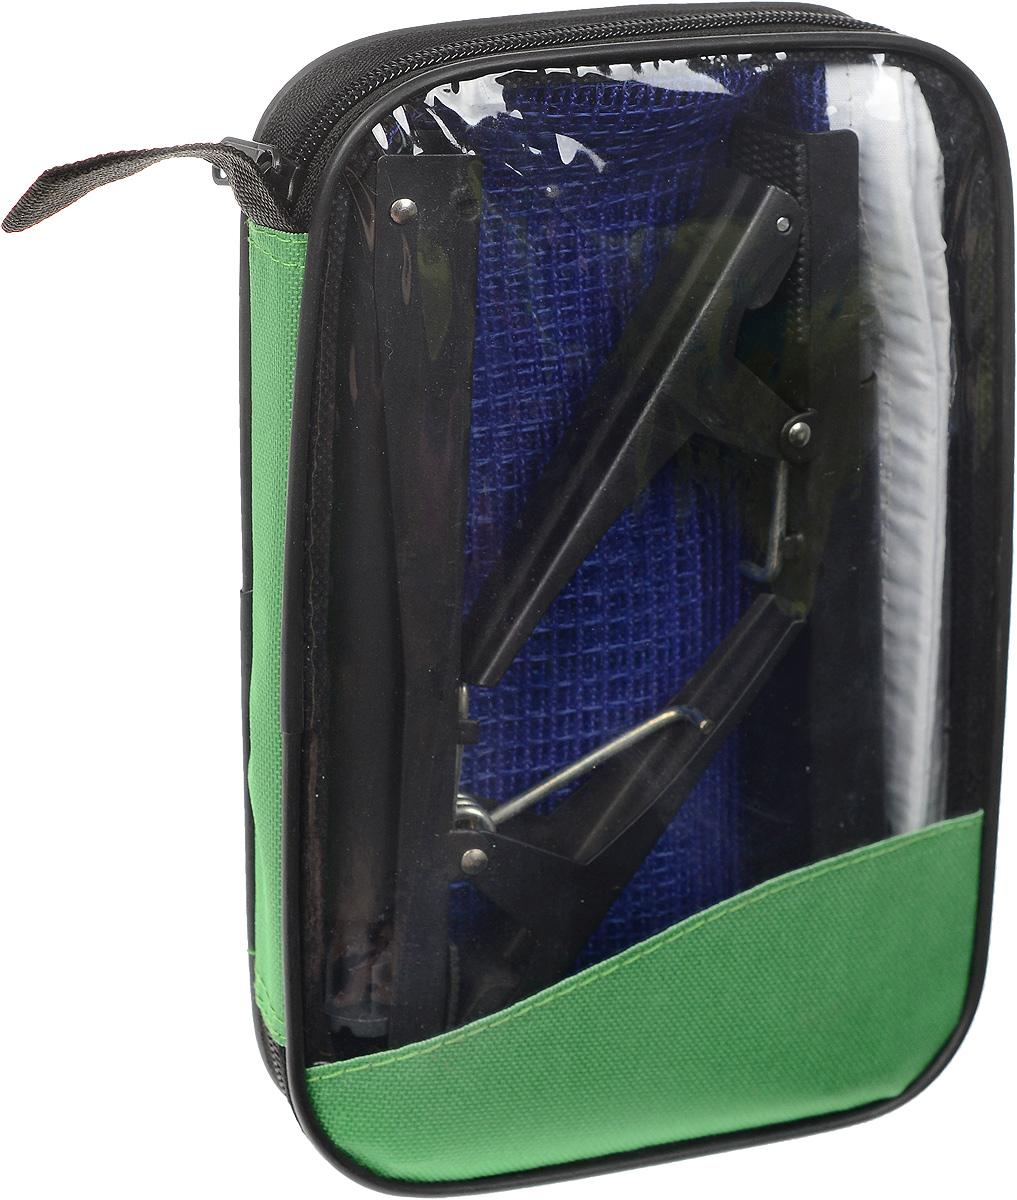 Сетка для настольного тенниса Start Up, с креплениями, цвет: синий, белый, черный, длина 185 смW203S_синийСетка для настольного тенниса Start Up выполнена из прочного нейлона. Вкомплекте два металлических крепления. Натяжение сетки можнорегулировать.Ширина сетки: 14 см.